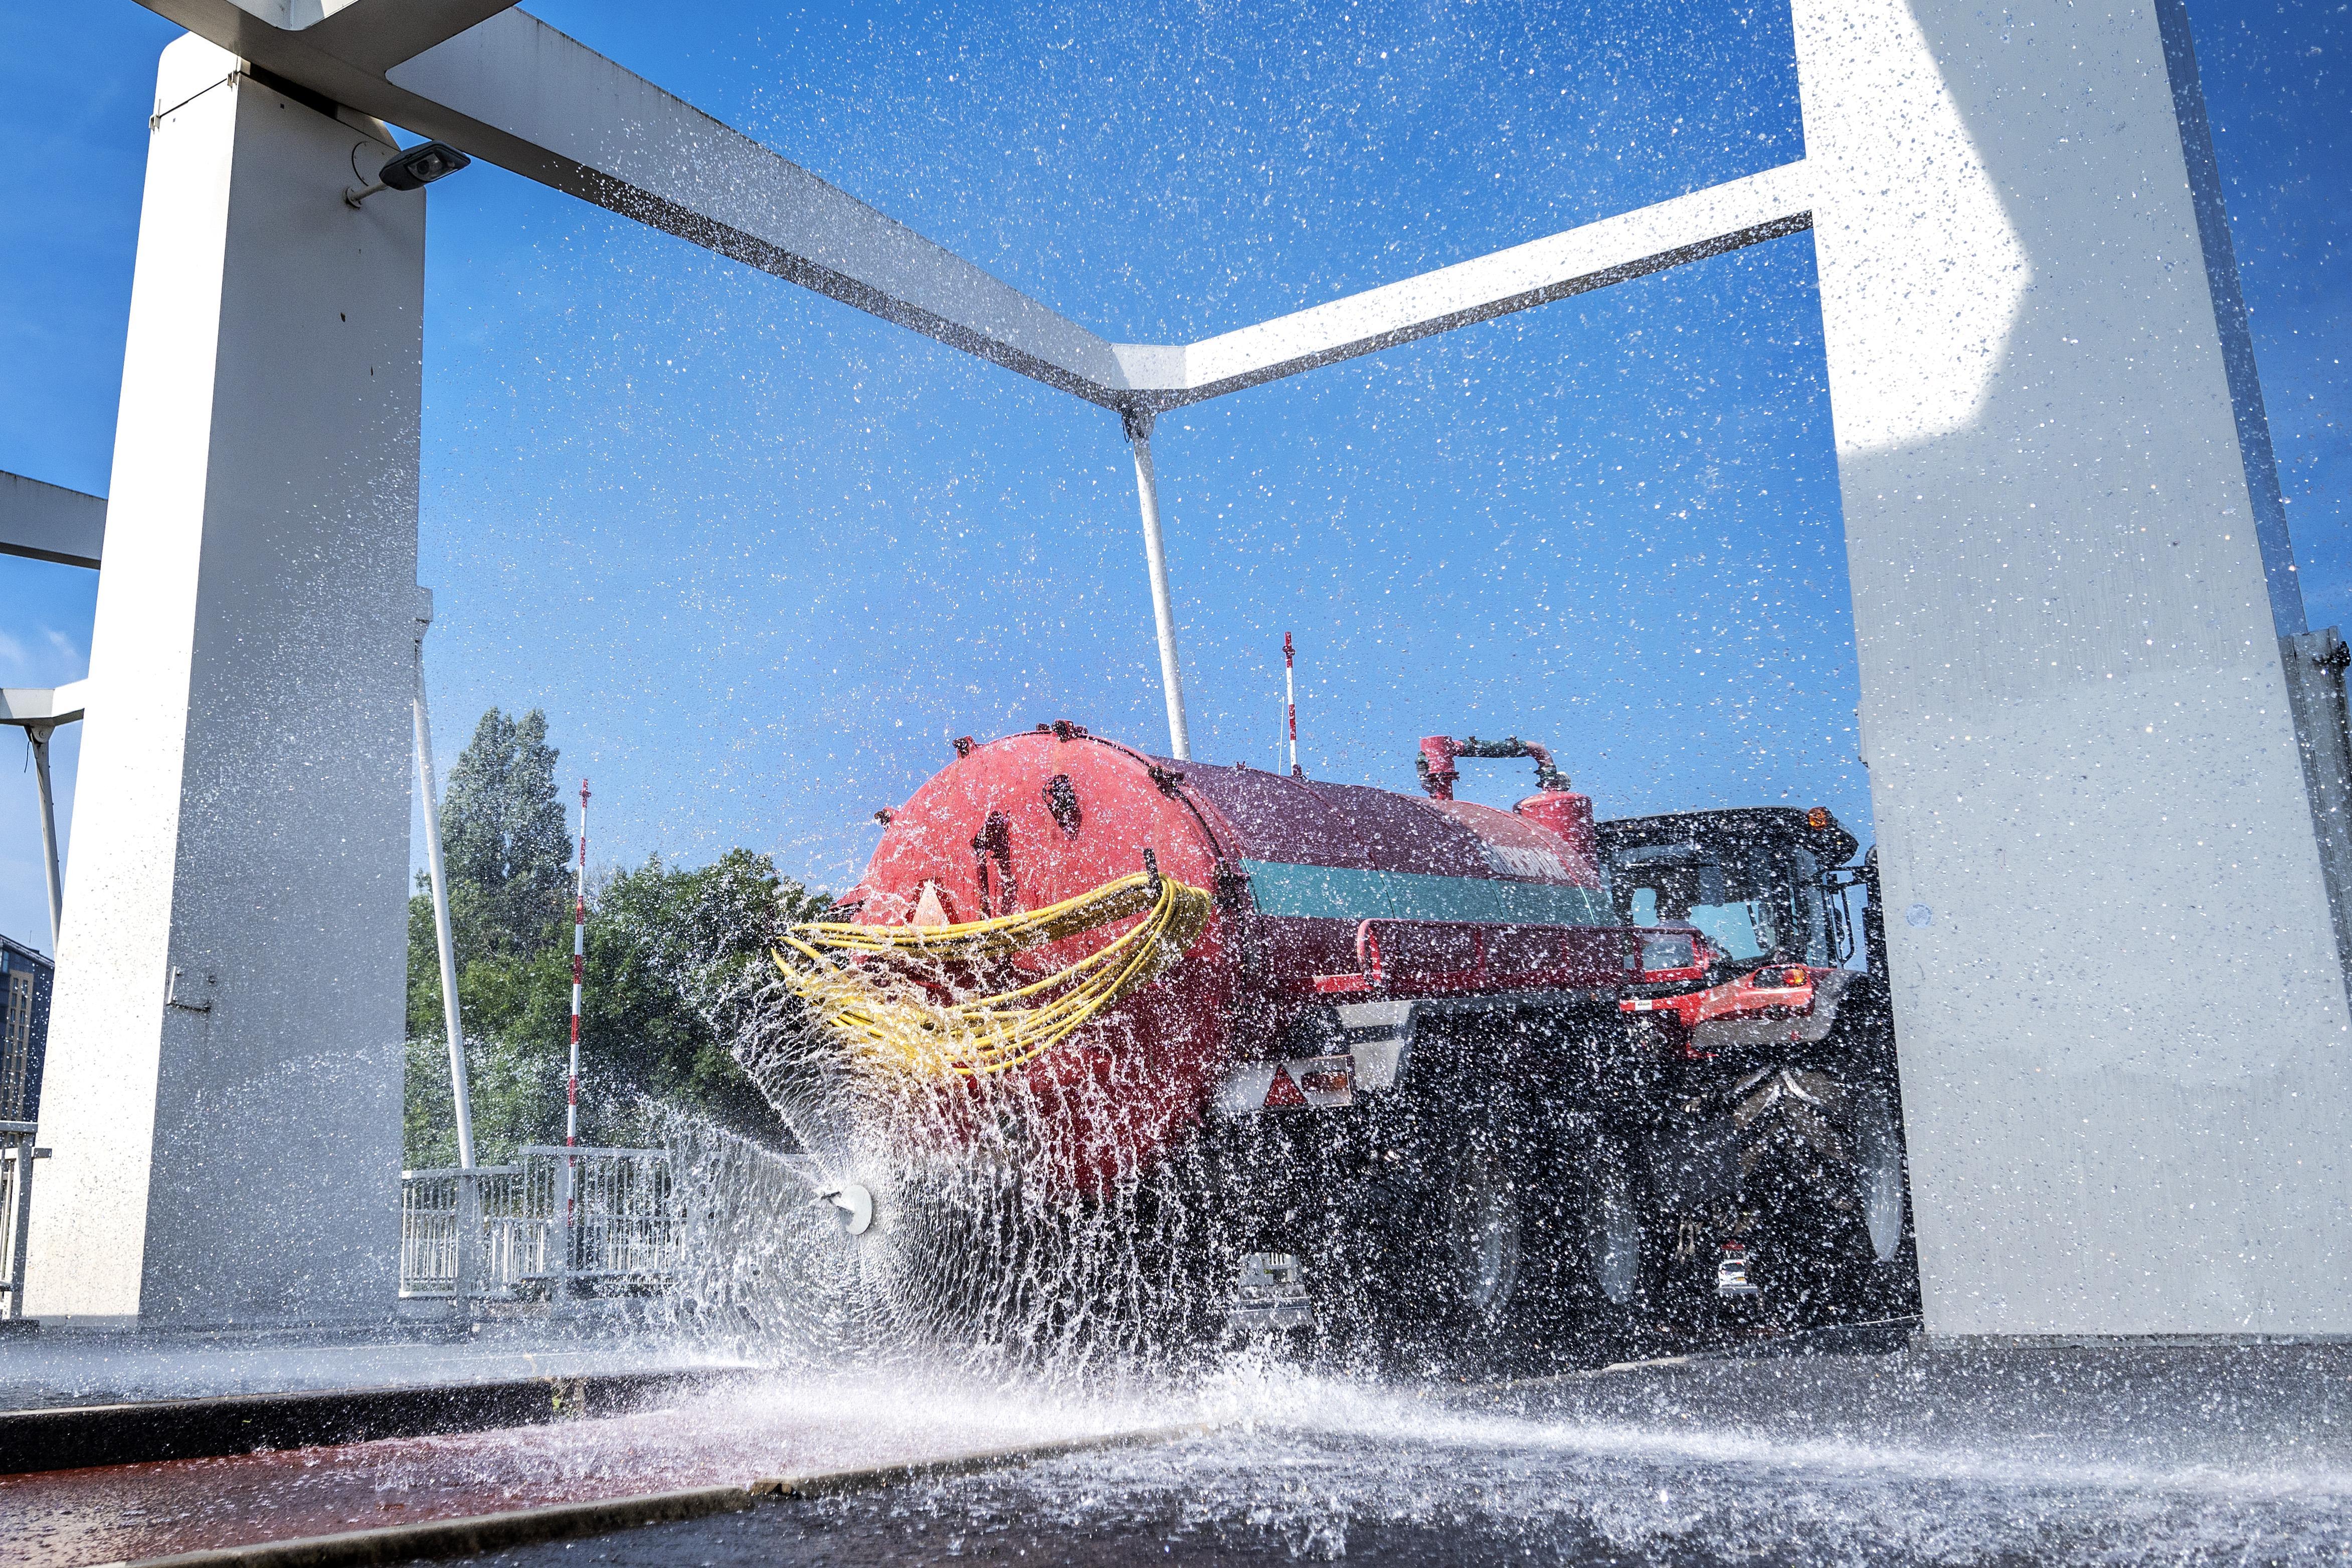 Haarlemse bruggen blijven problemen geven; Waarderbrug en Catharijnebrug voorlopig permanent open voor scheepvaartverkeer